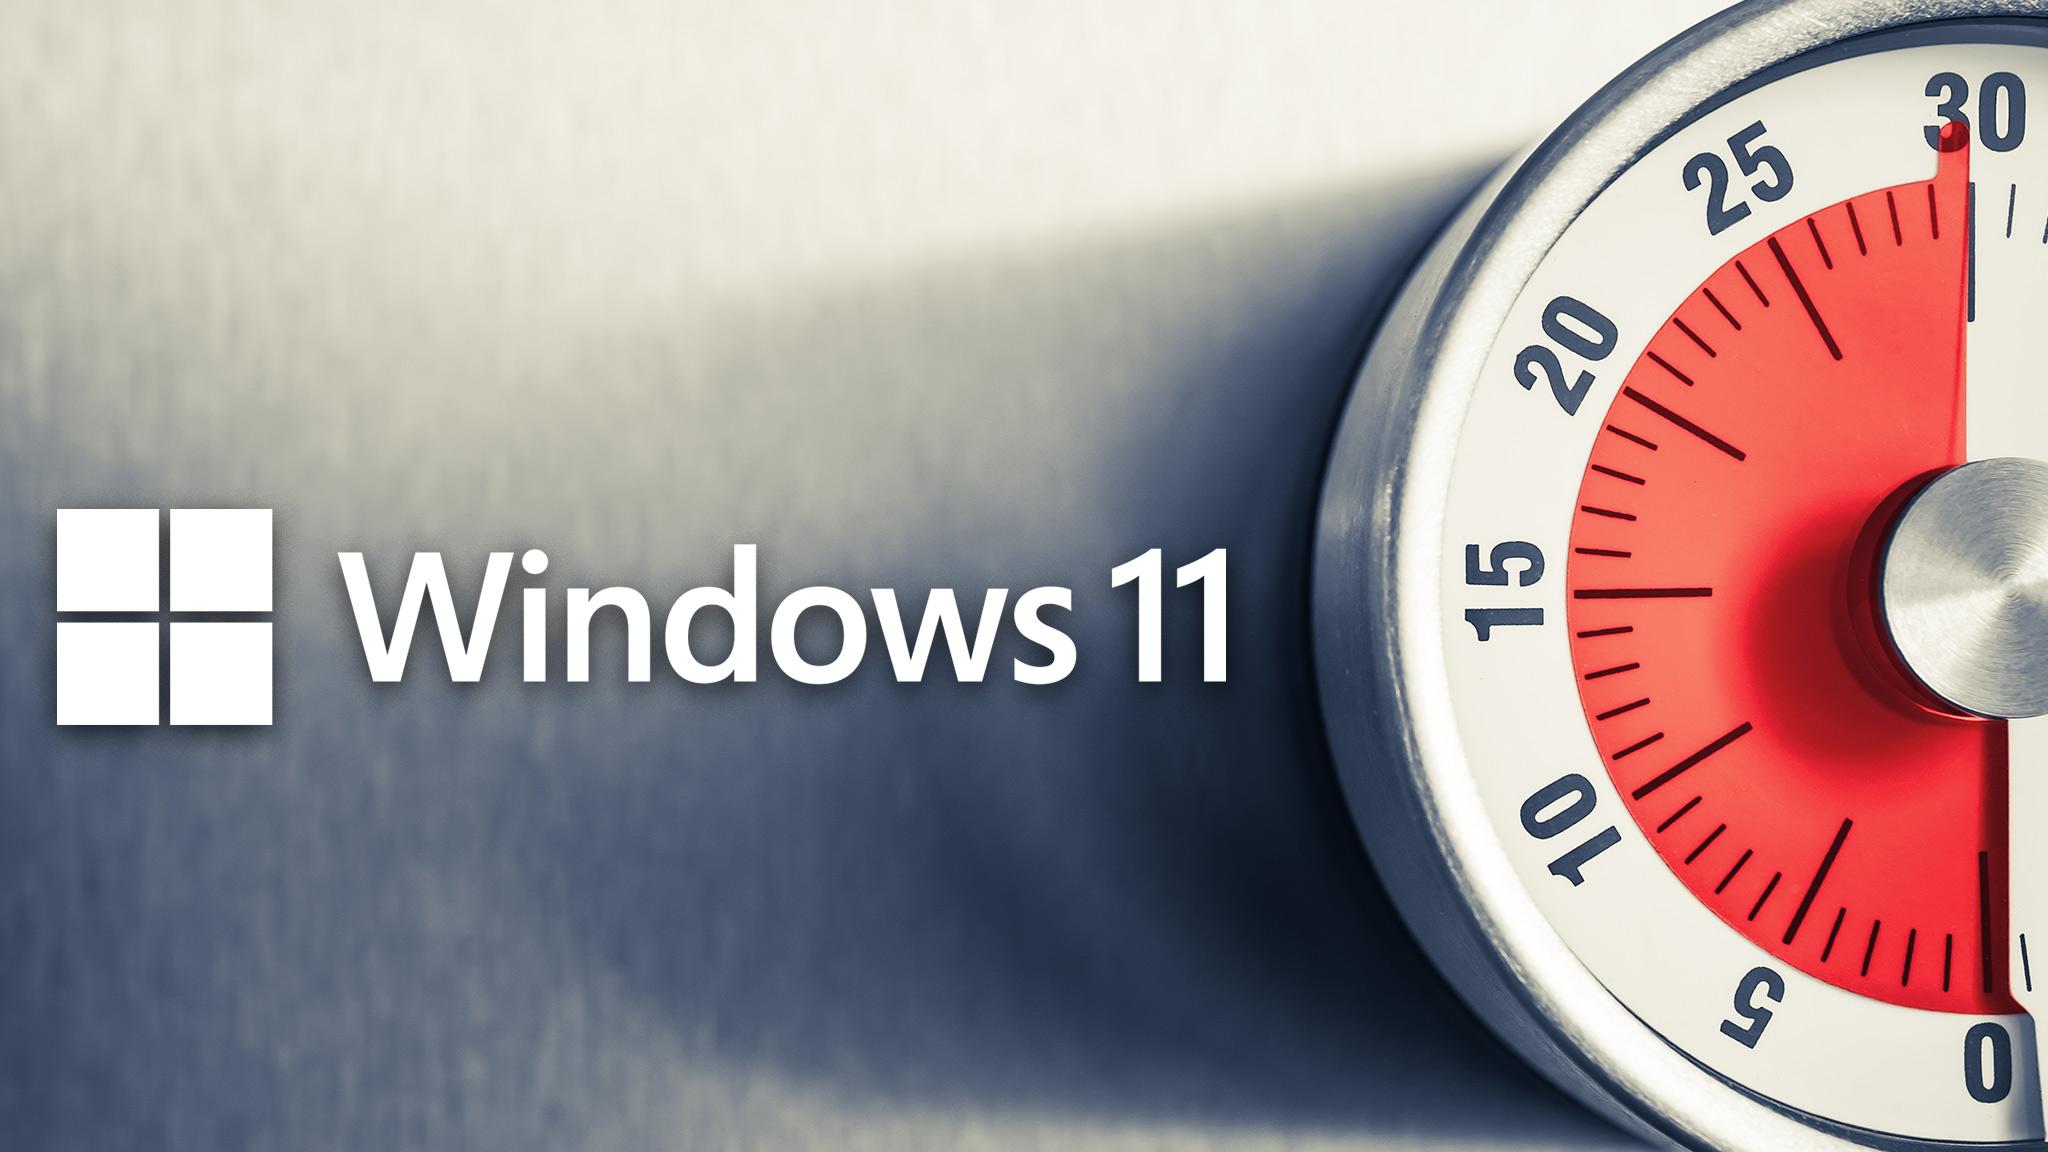 Windows 11: Im Dual-Monitor-Betrieb die Sekunden in der Taskleiste anzeigen